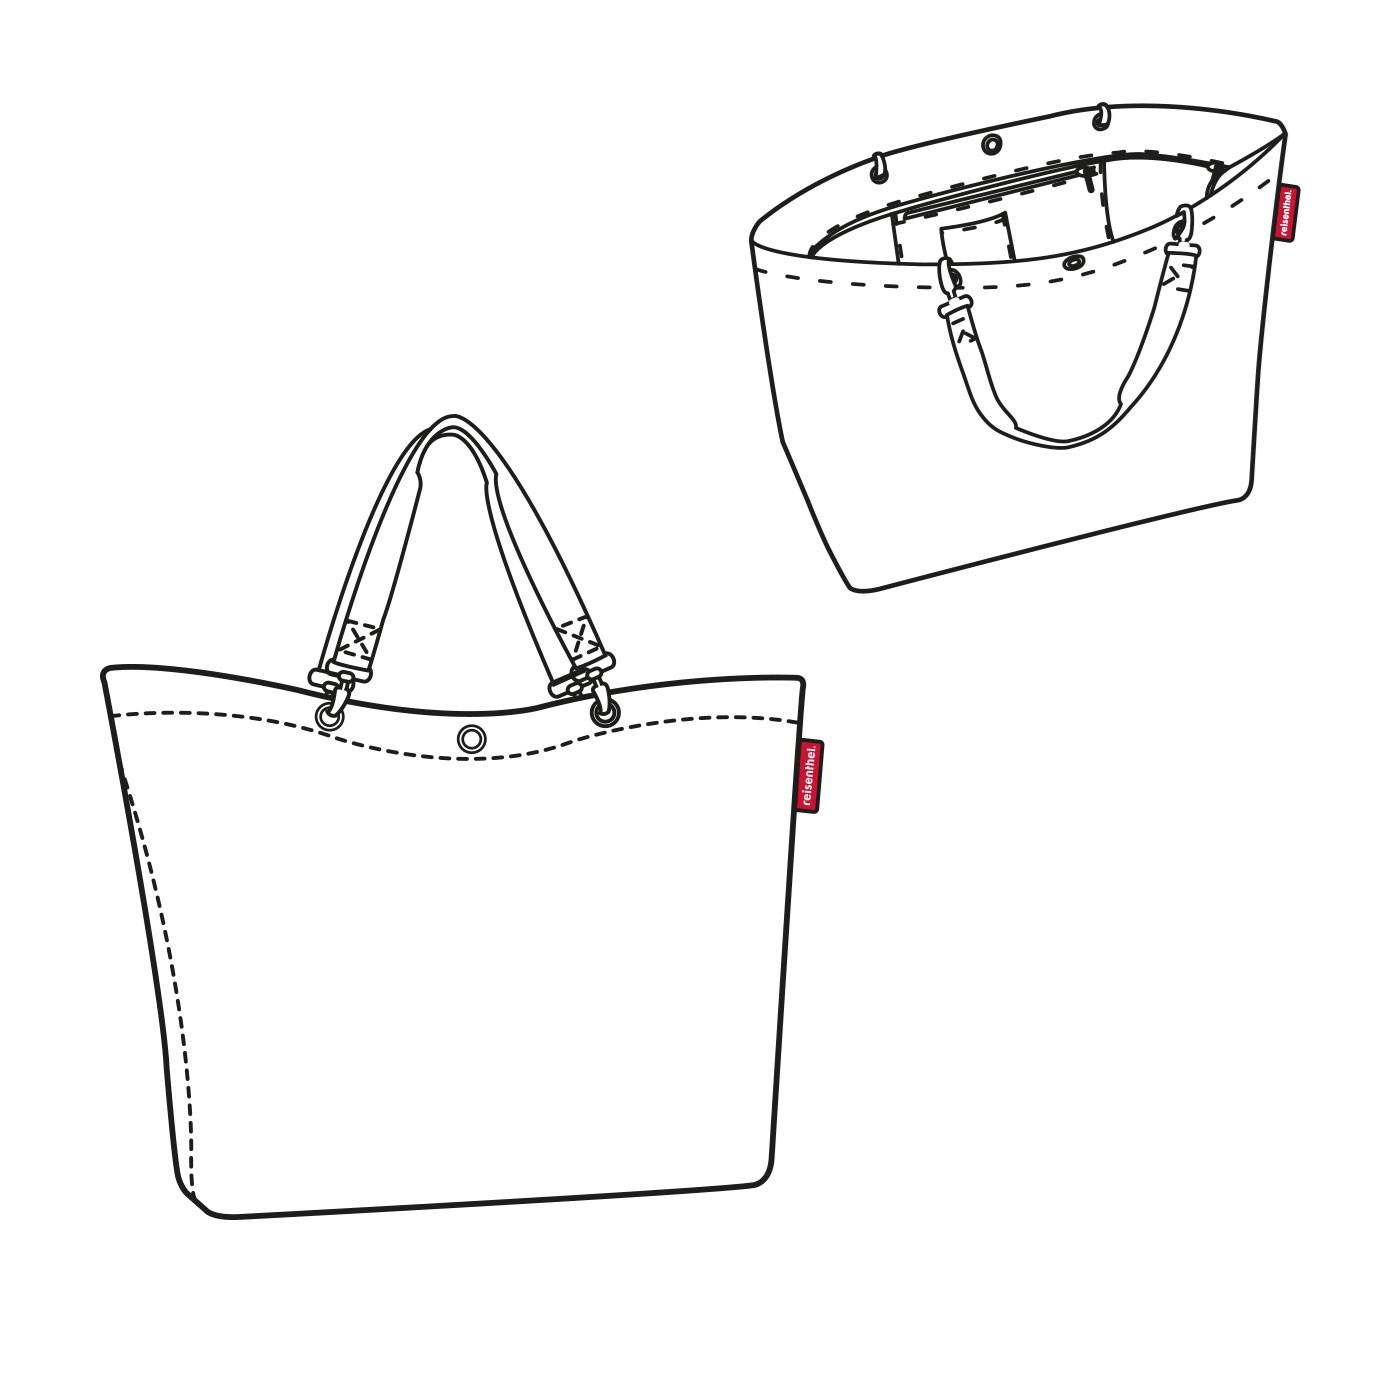 Nákupní taška SHOPPER XL bloomy_0